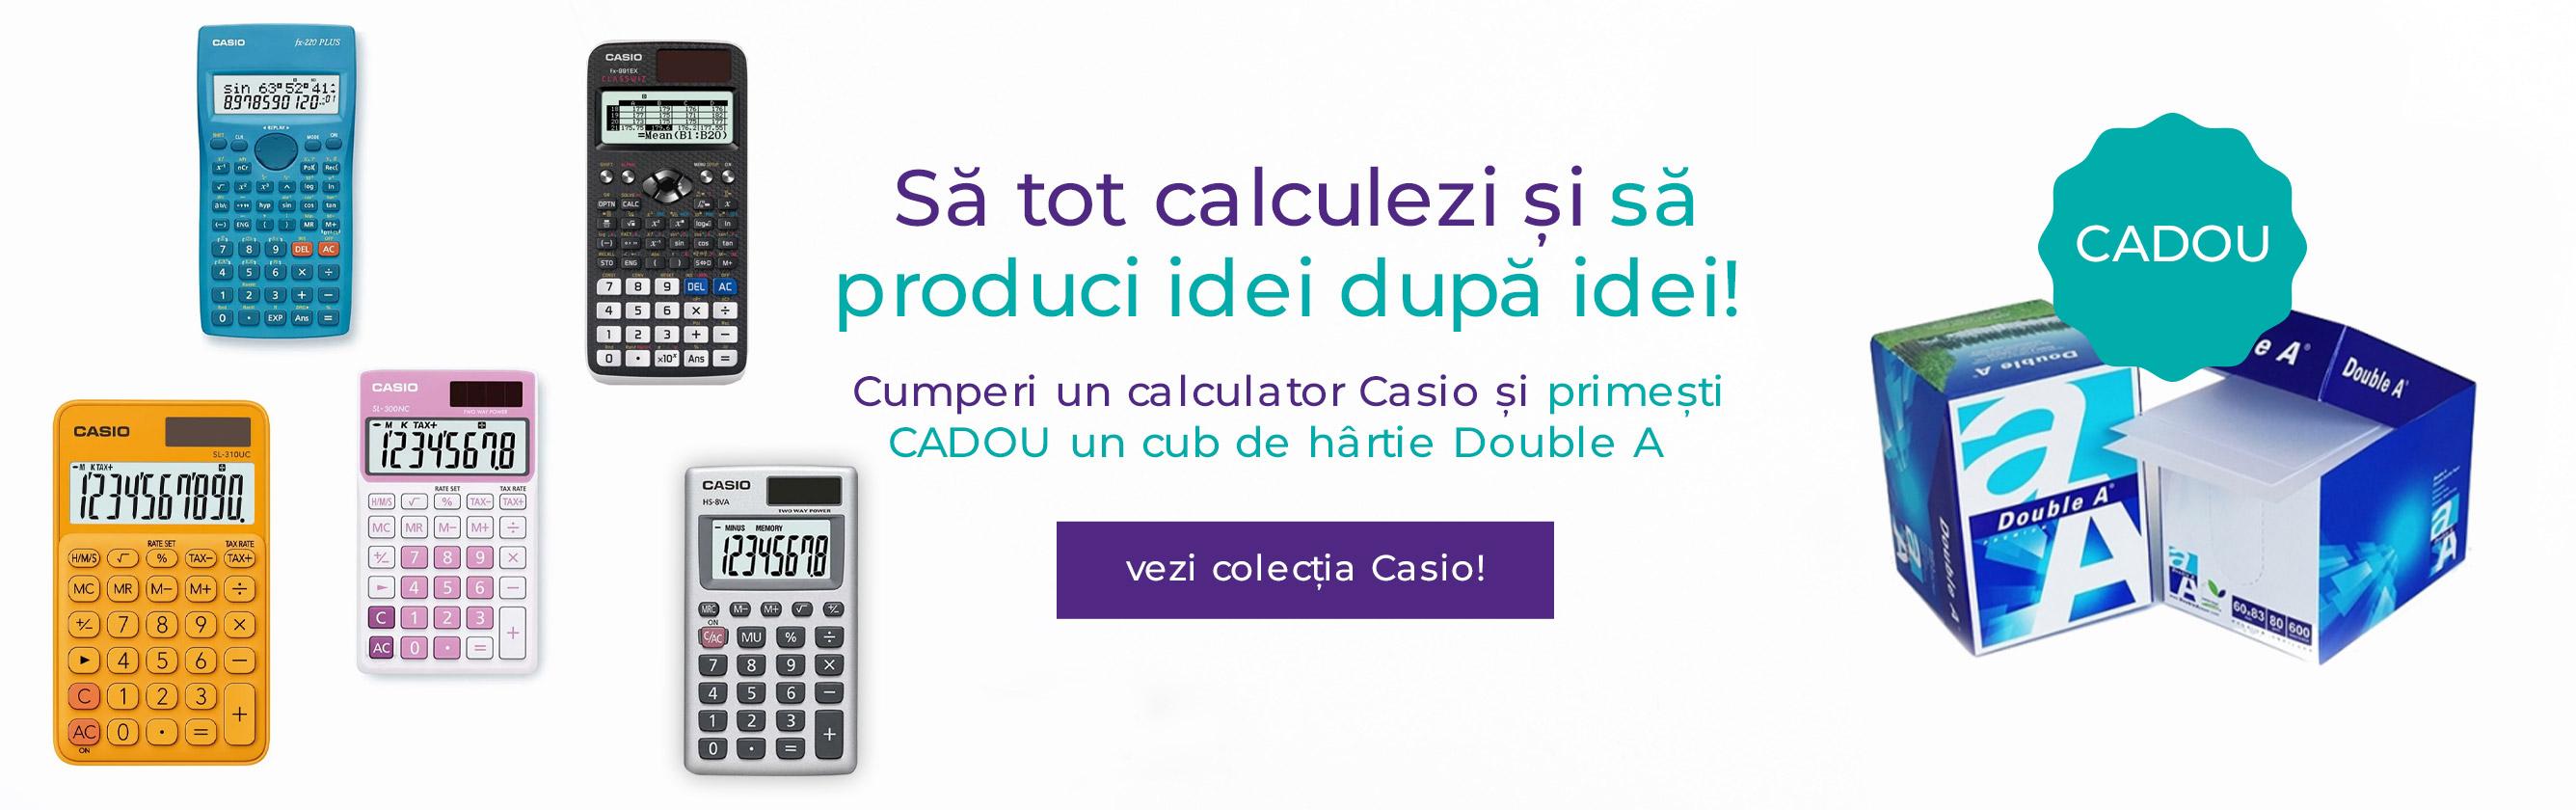 Promo Casio